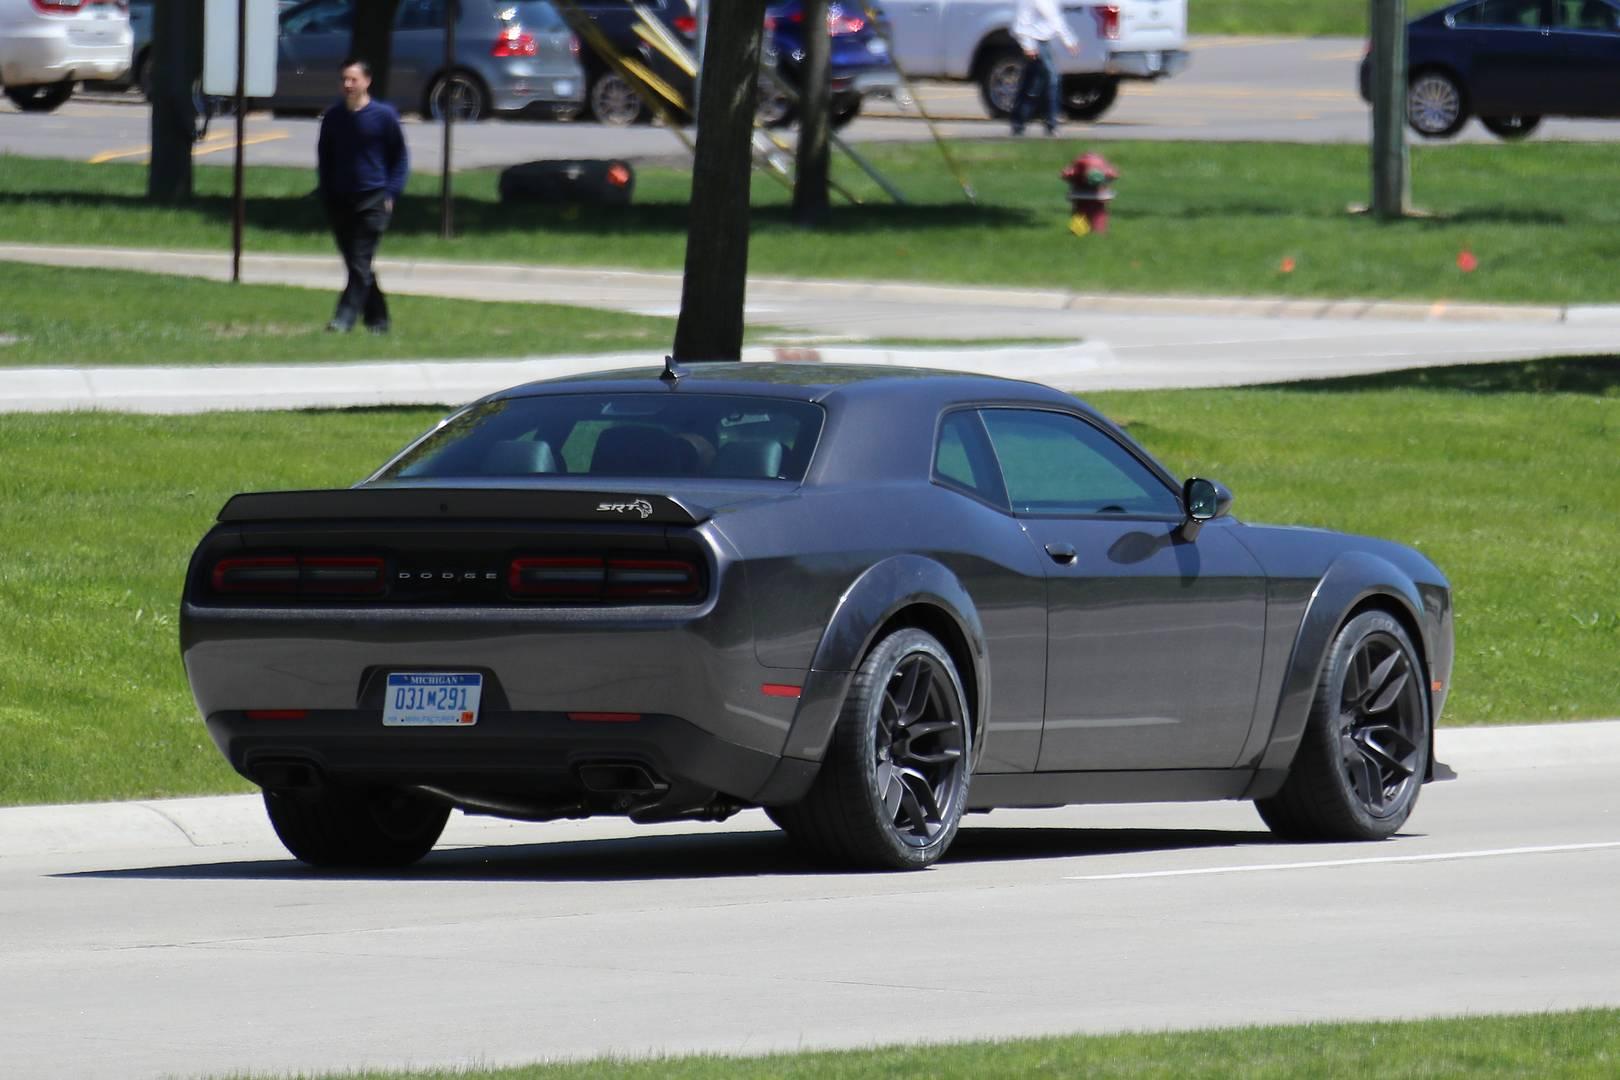 И, конечно же, связанная с этим цена предполагает, что предстоящий Challenger SRT будет стоить дешевле. Мы ожидаем, что этим летом Dodge Challenger SRT Hellcat будет выпущен в продажу.